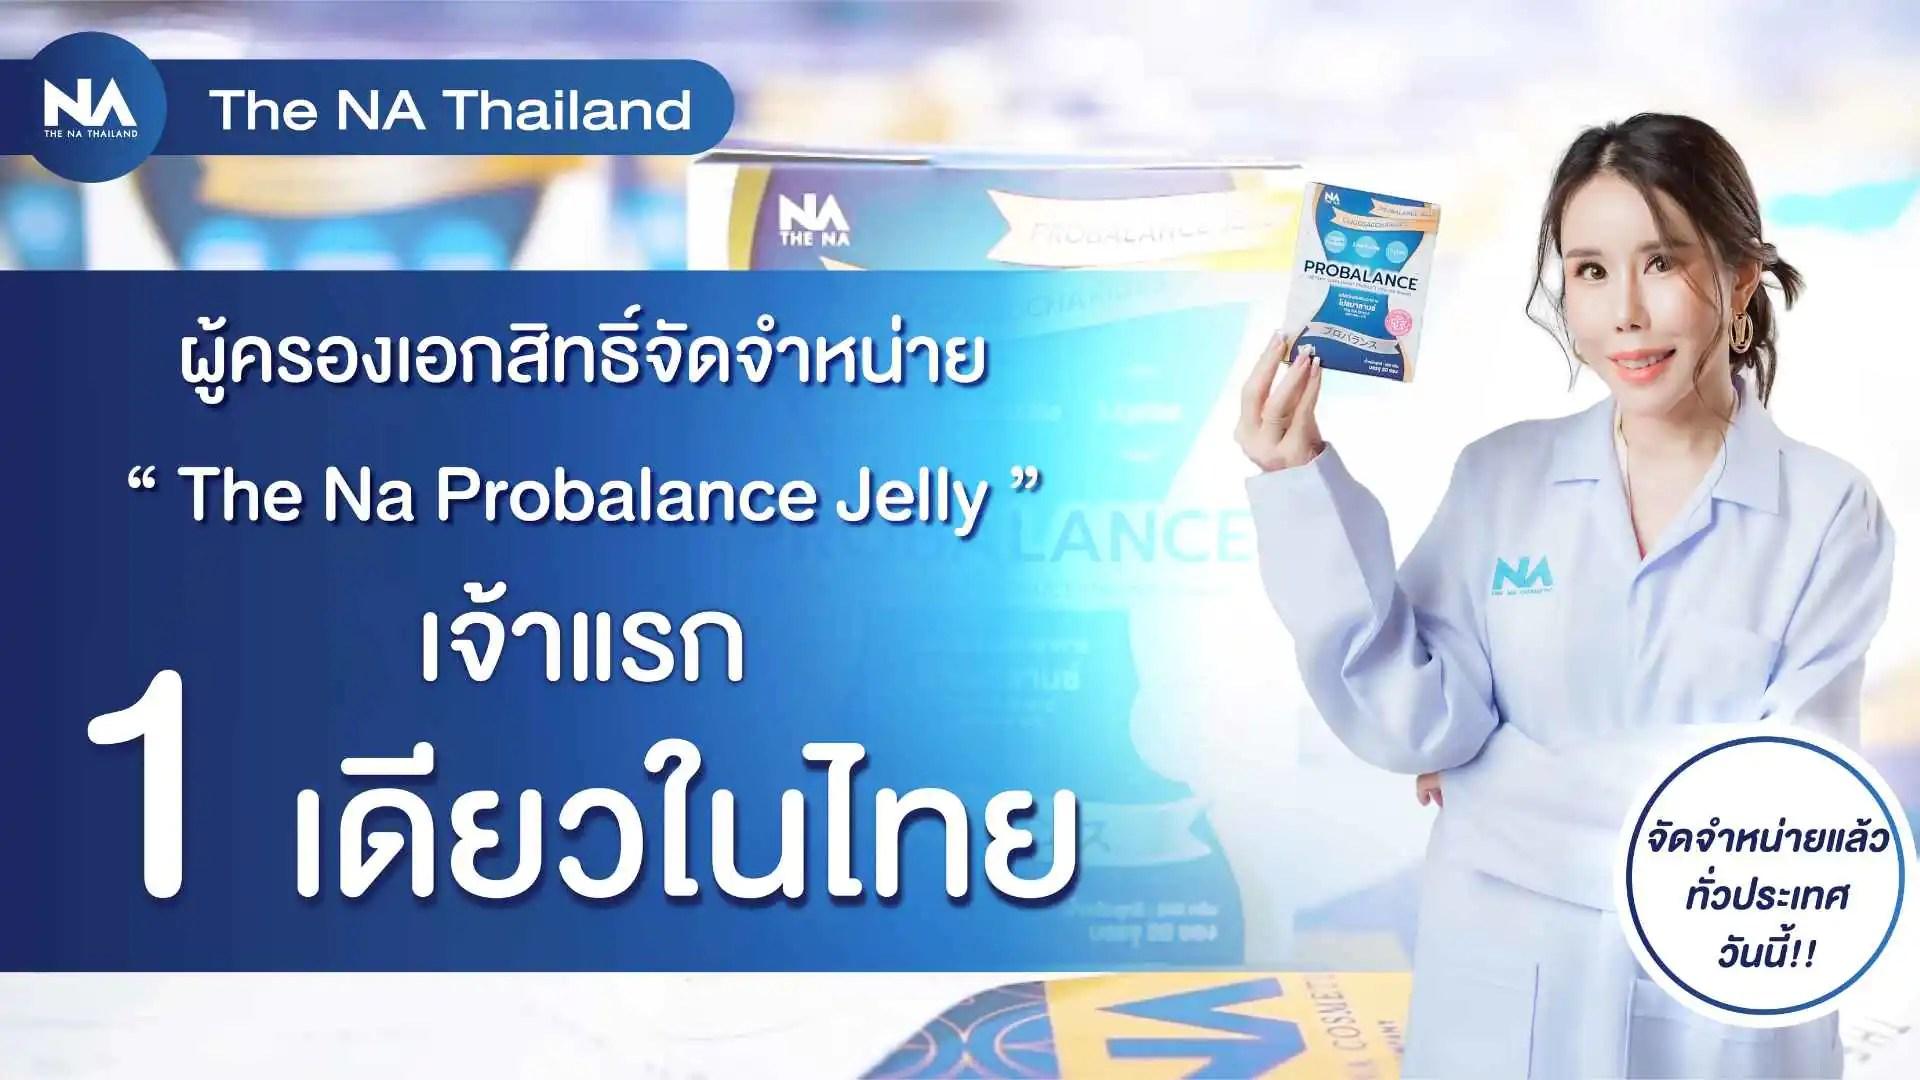 โรคระบาดในไทย